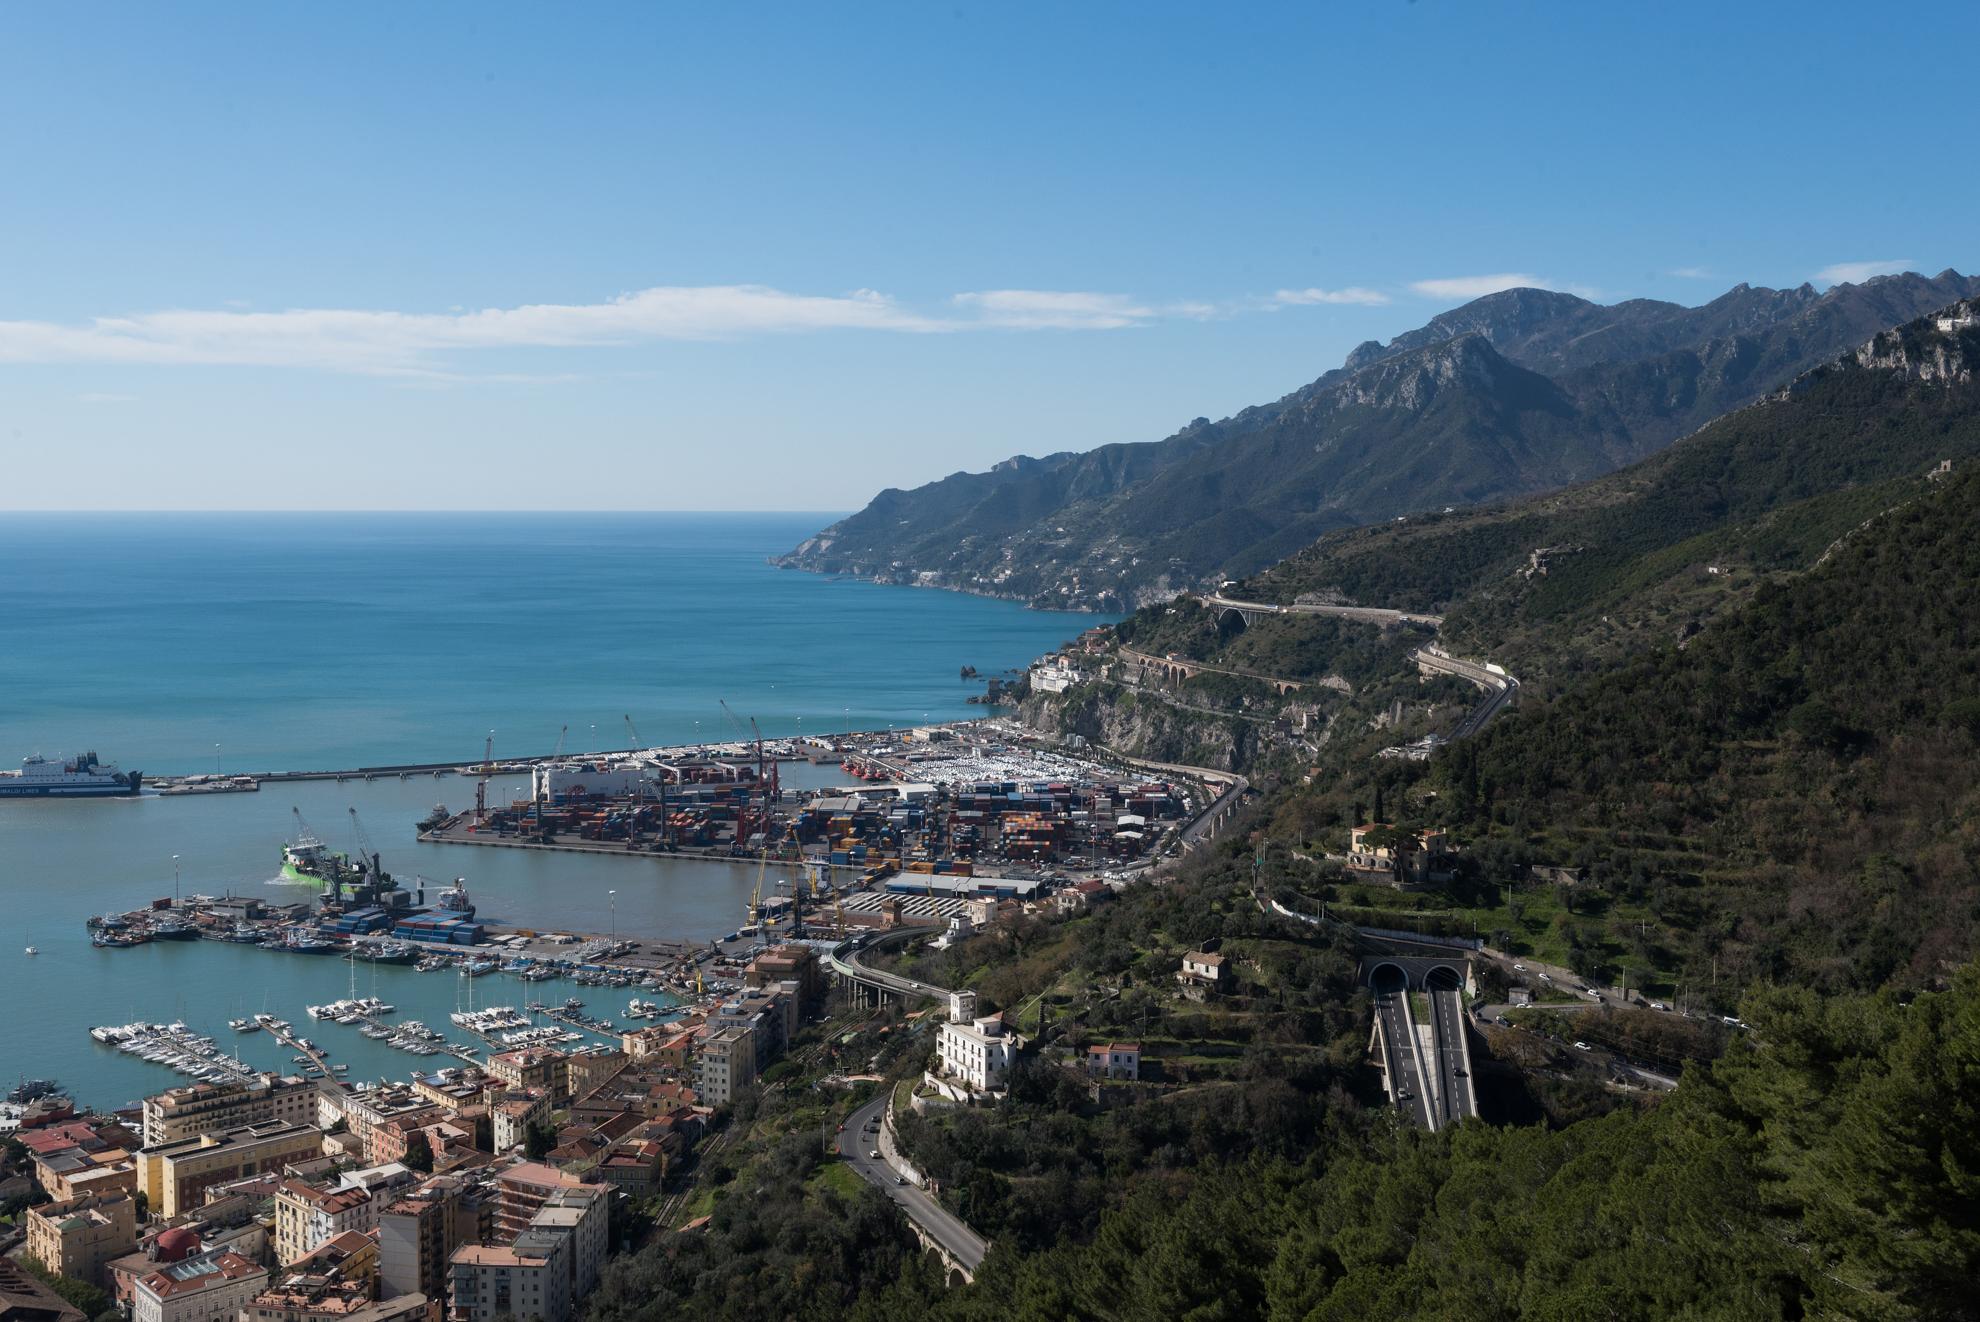 La Costiera Amalfitana dal castello di Arechi |  Ph. Flaviana Frascogna - Trentaremi